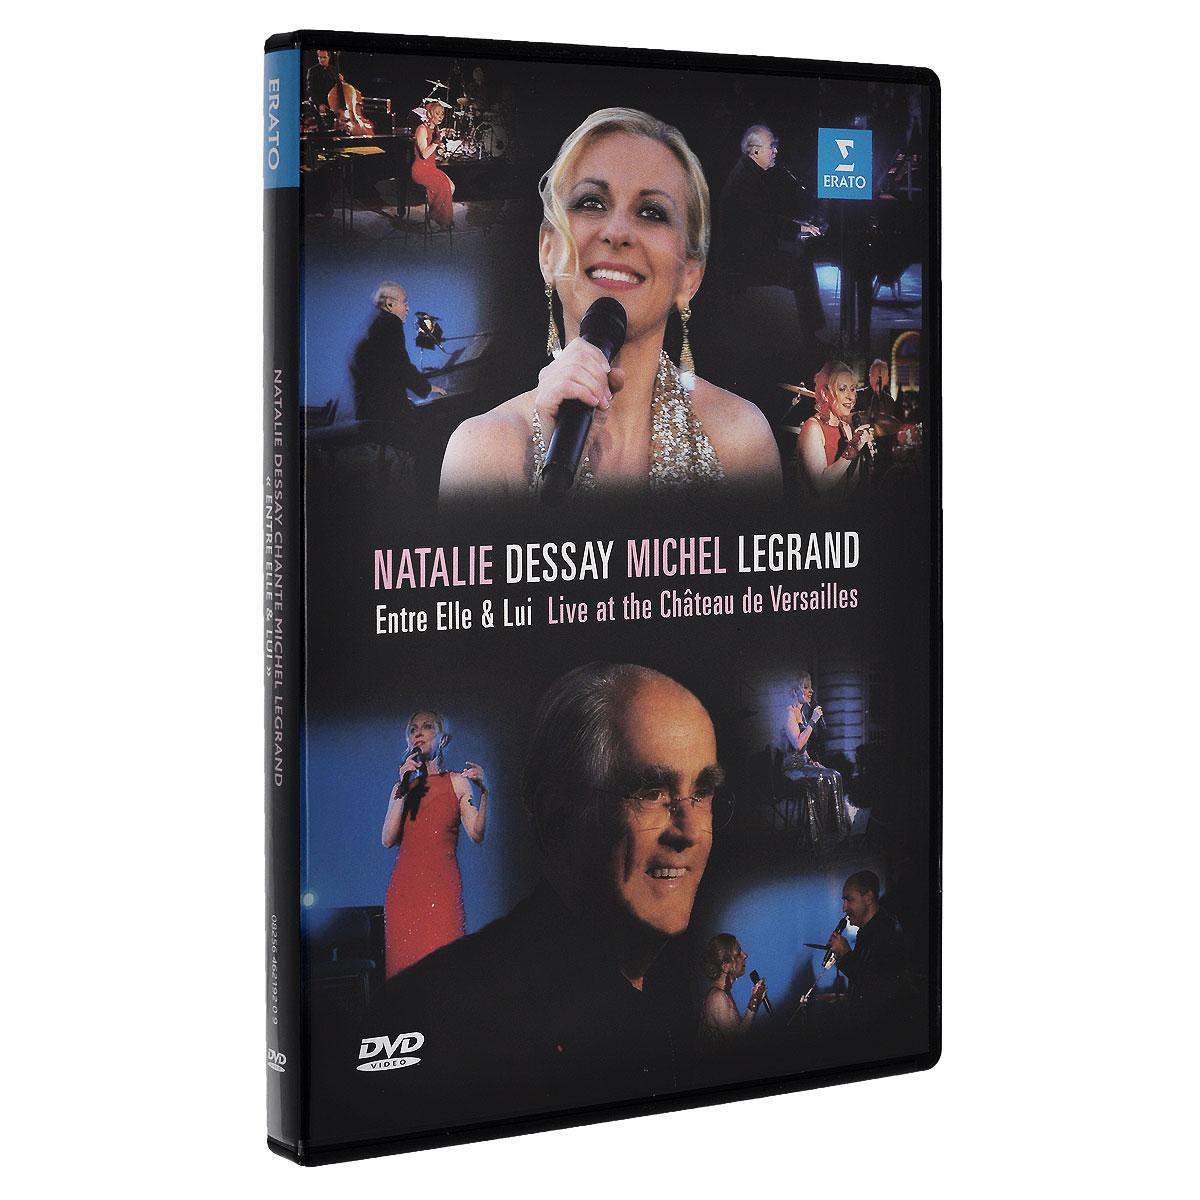 Natalie Dessay, Michel Legrand: Entre Elle & Lui (Live At The Chateau De Versailles) 2014 DVD